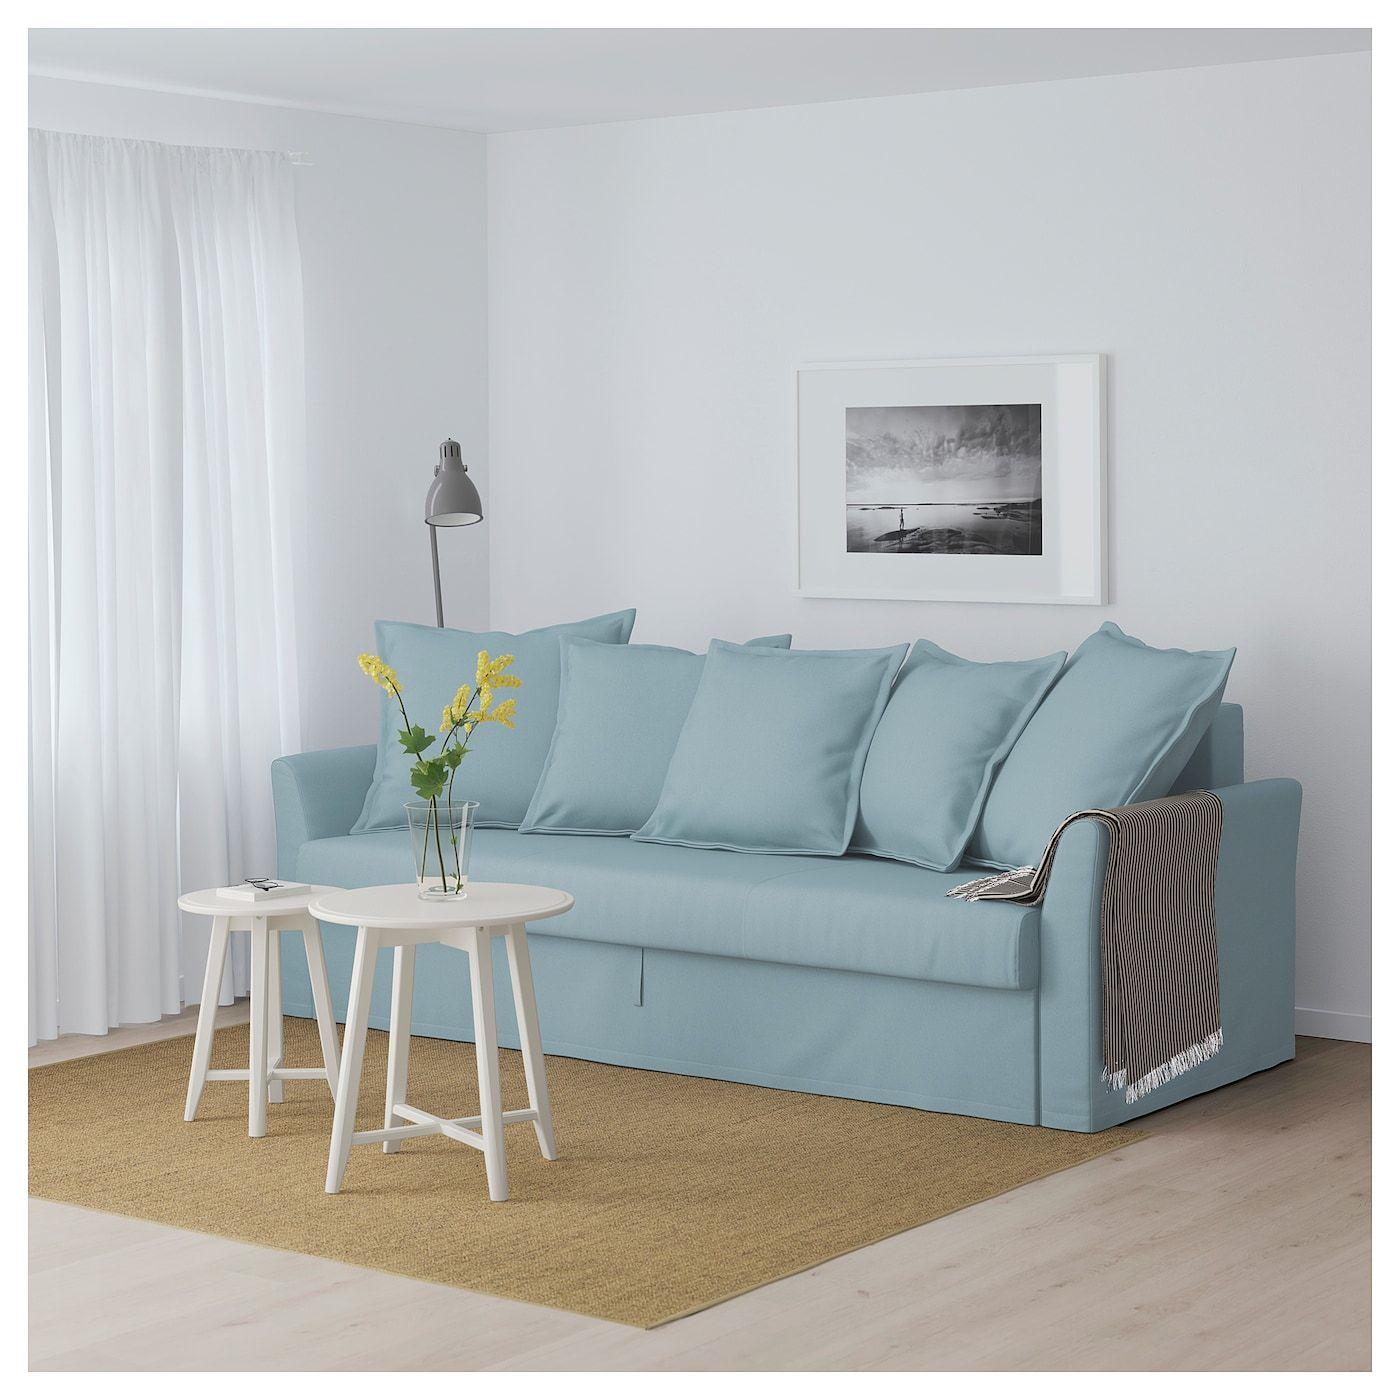 IKEA HOLMSUND Sofabed Orrsta light blue Sofa bed